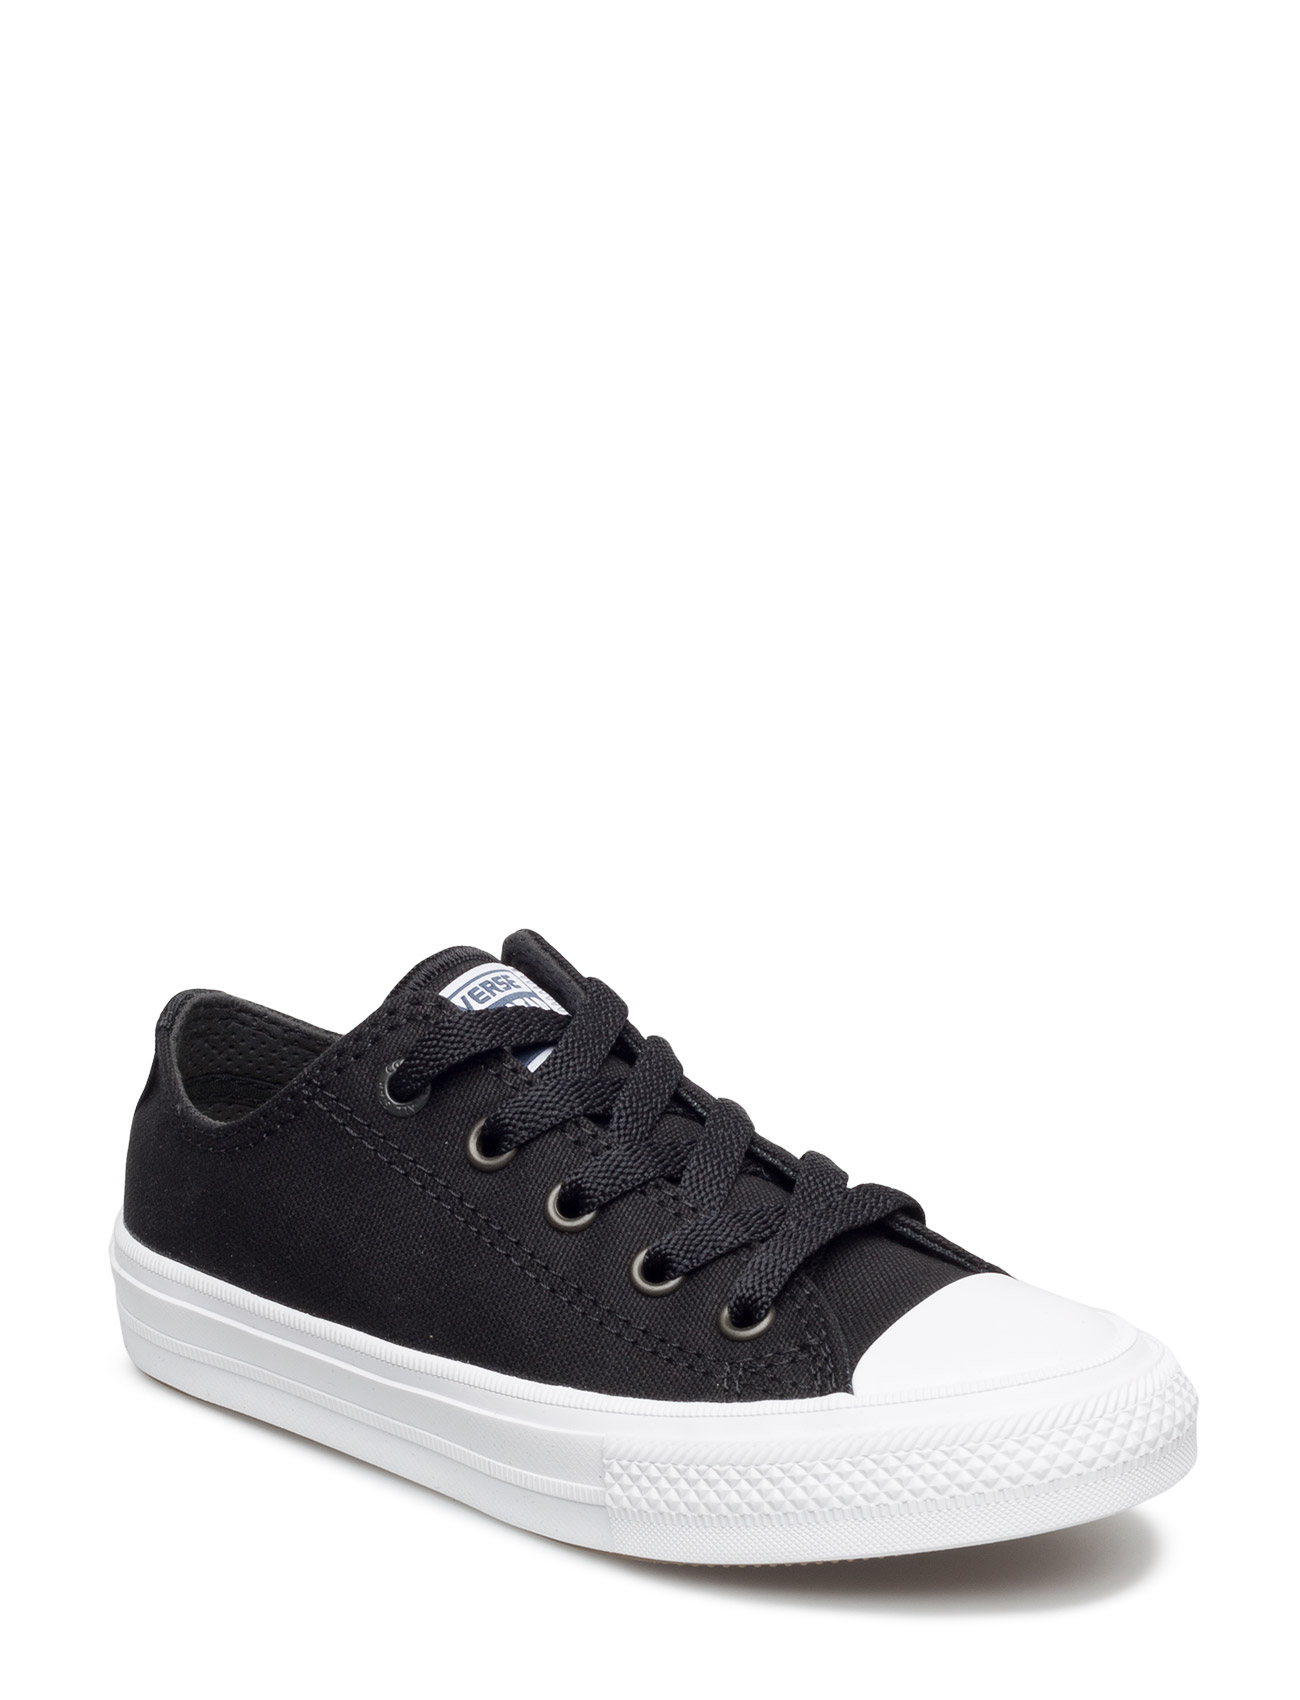 Ctas Ii Kids Ox Converse Sko & Sneakers til Børn i